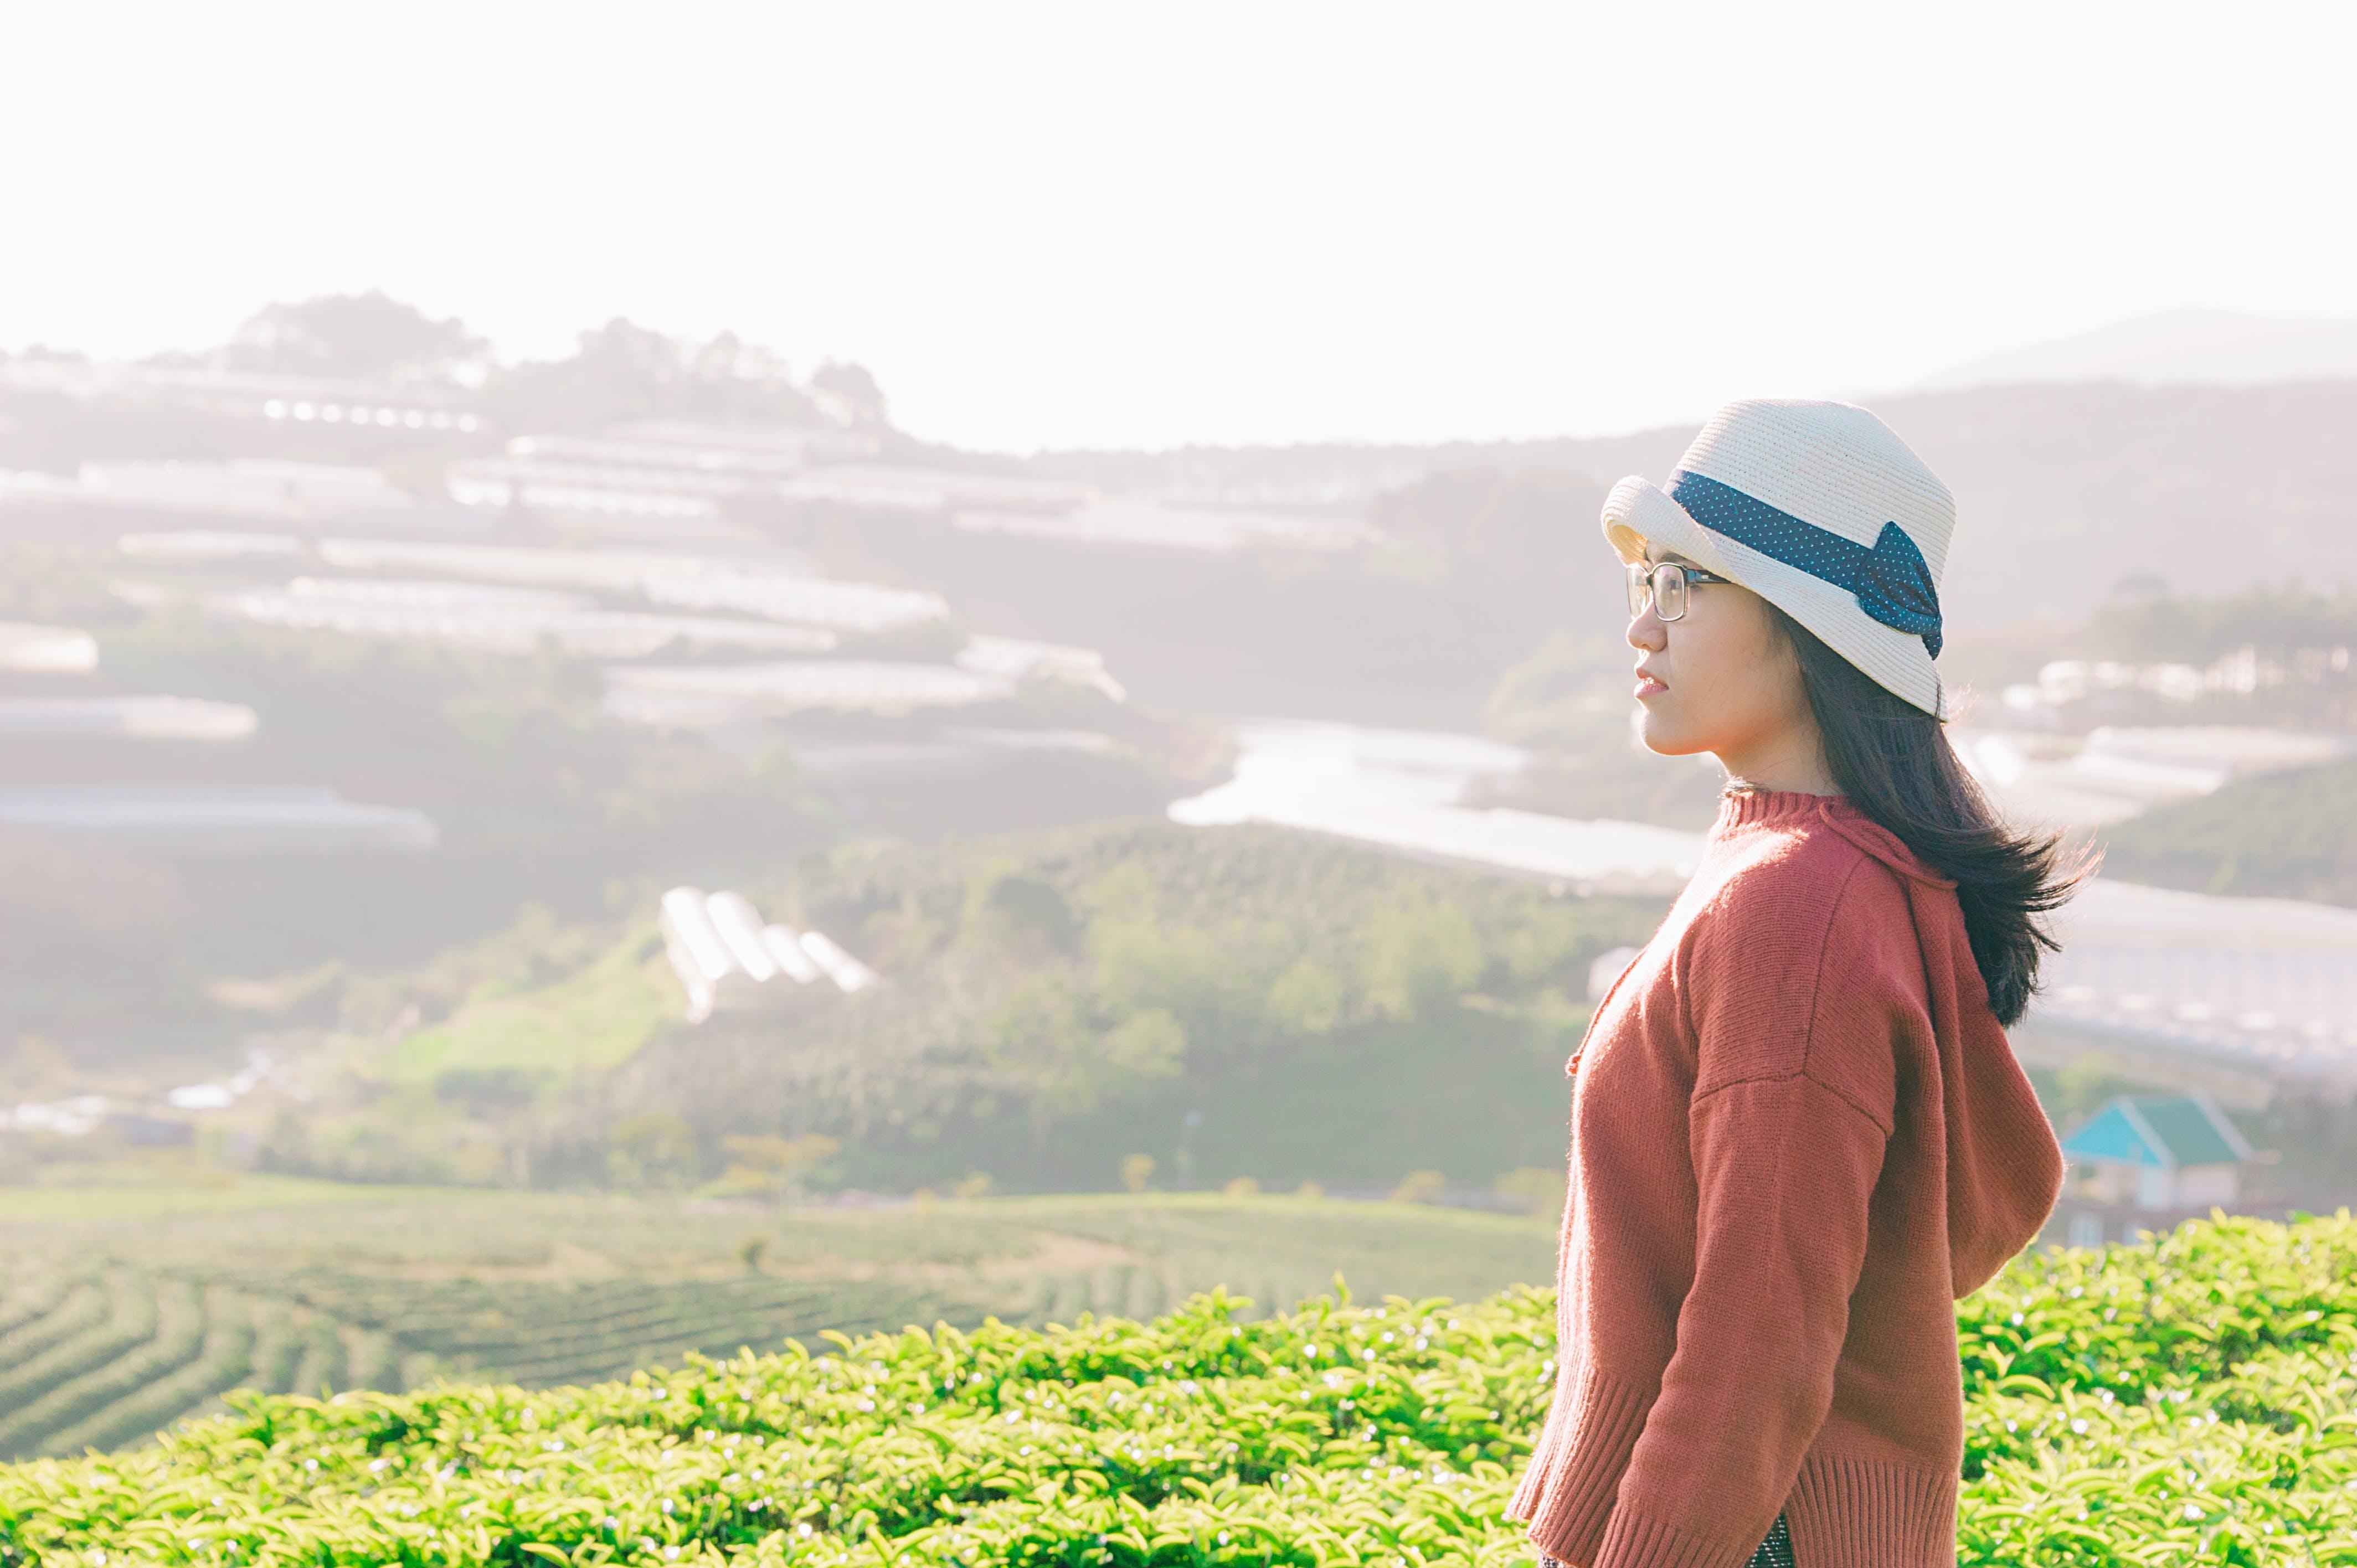 Δωρεάν στοκ φωτογραφιών με αγρόκτημα, άνθρωπος, γήπεδο, γυναίκα